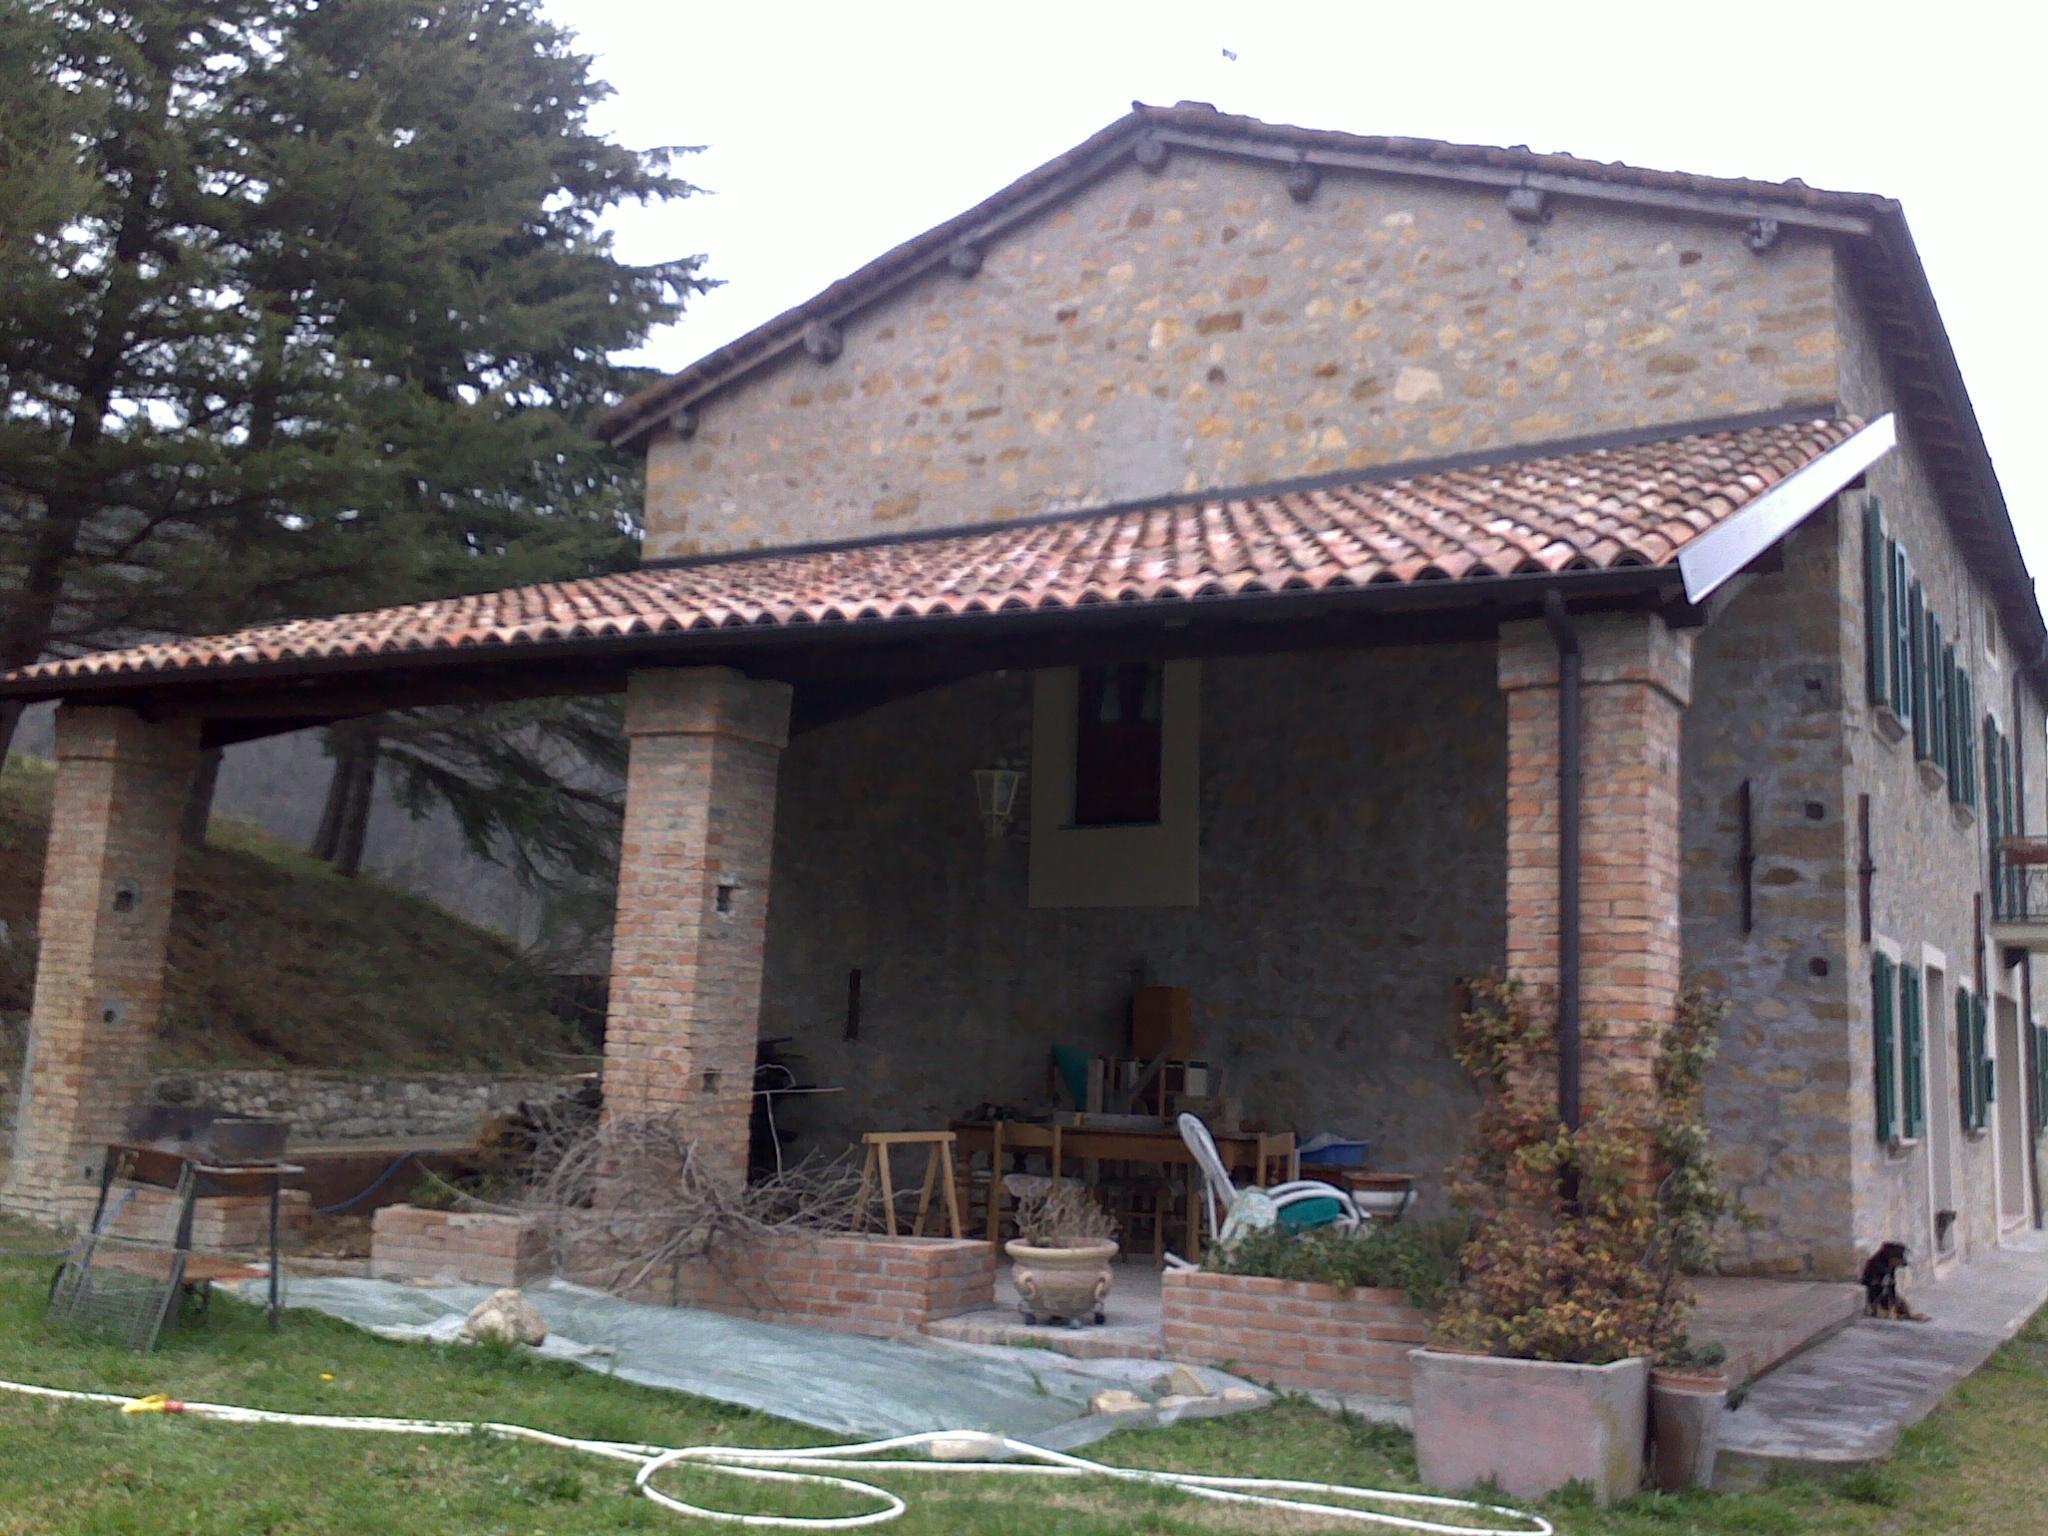 Rustico / Casale in affitto a Solignano, 10 locali, Trattative riservate | Cambio Casa.it